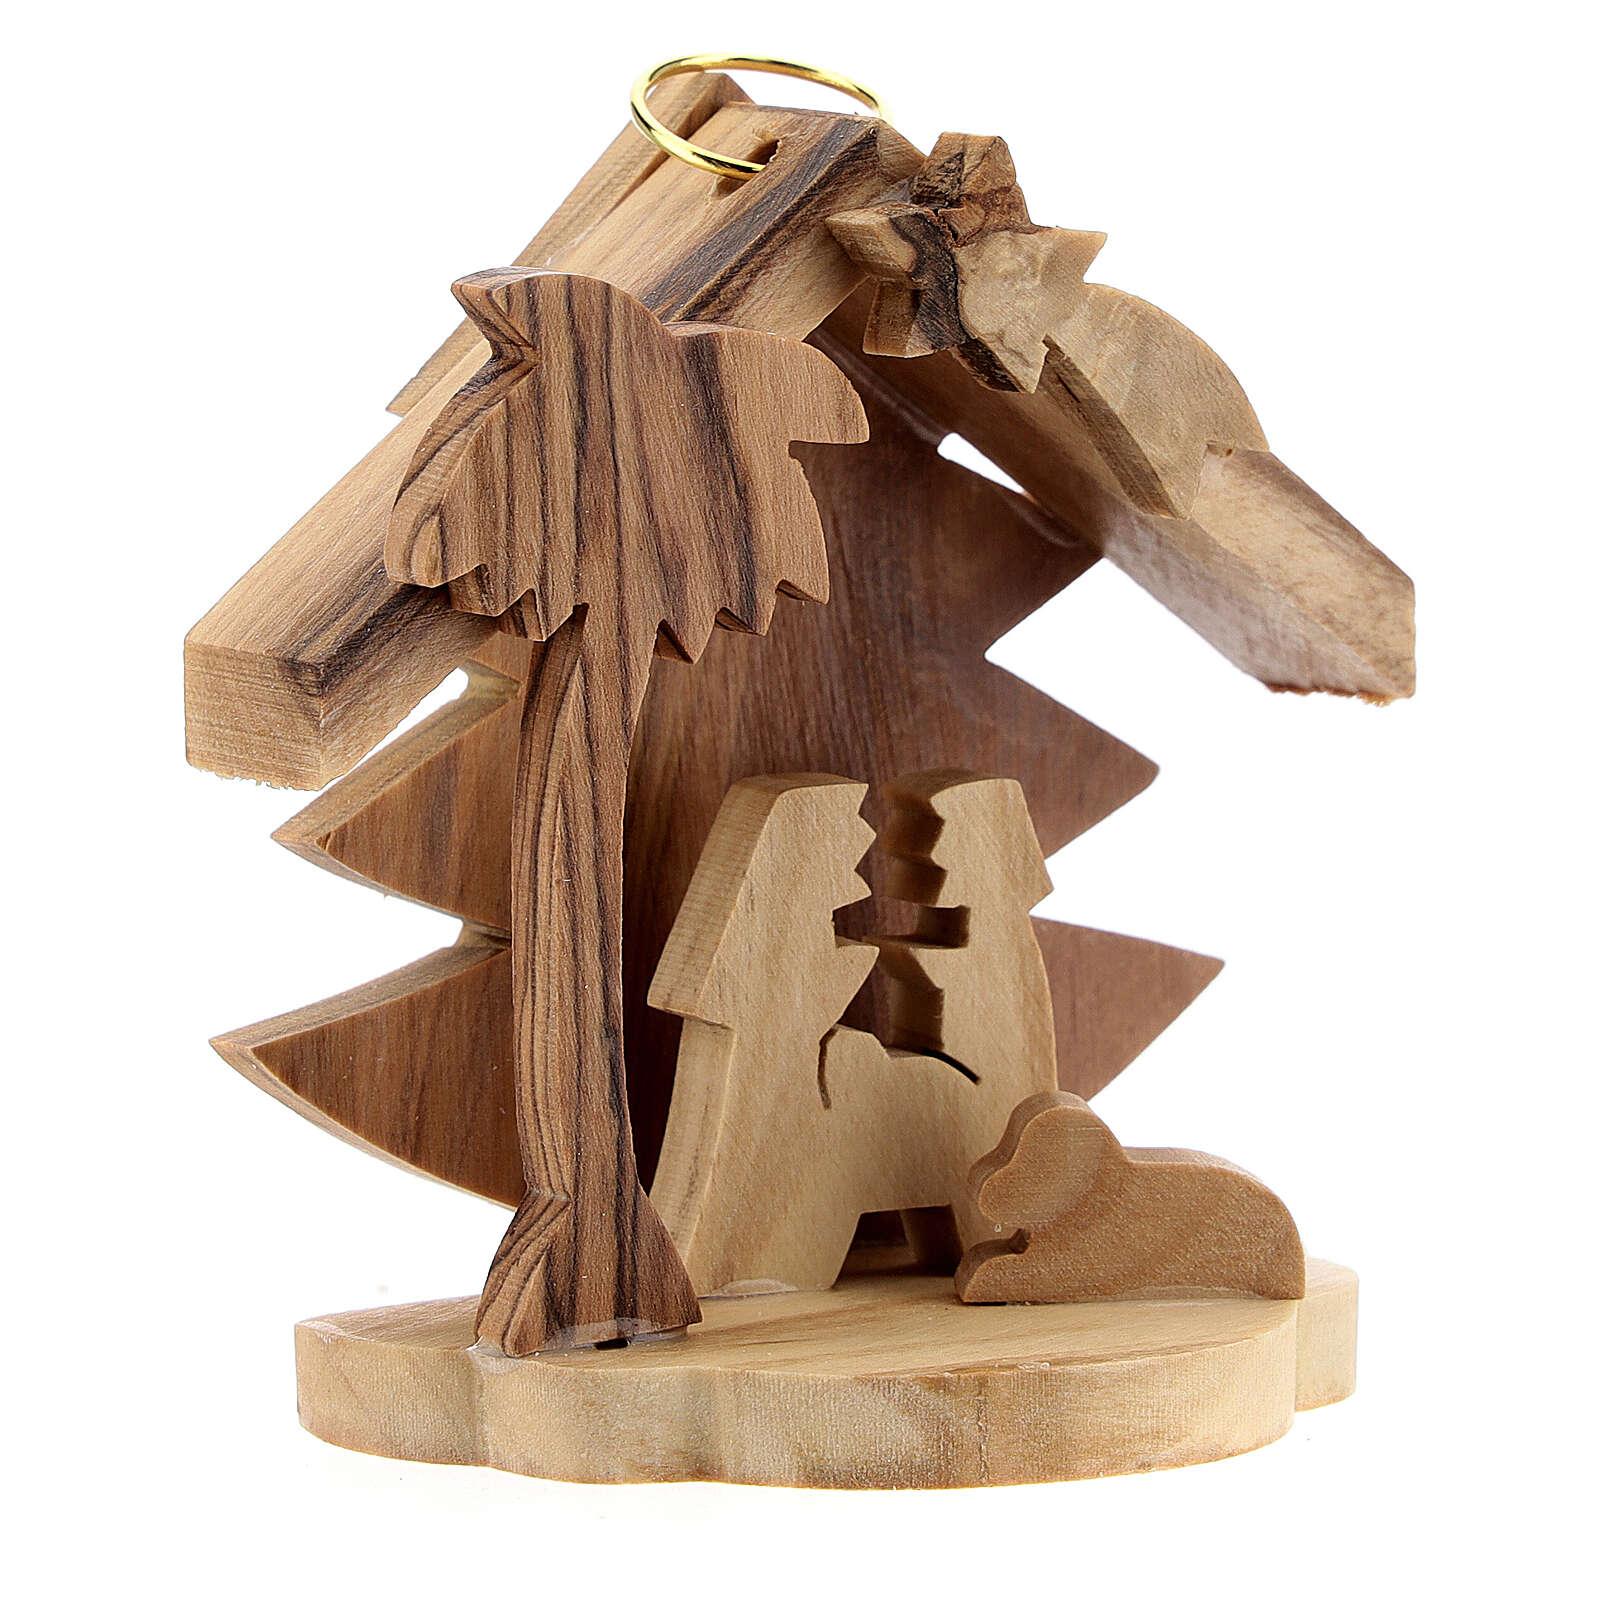 Addobbo albero silhouette Sacra Famiglia legno ulivo Betlemme 7 cm 4